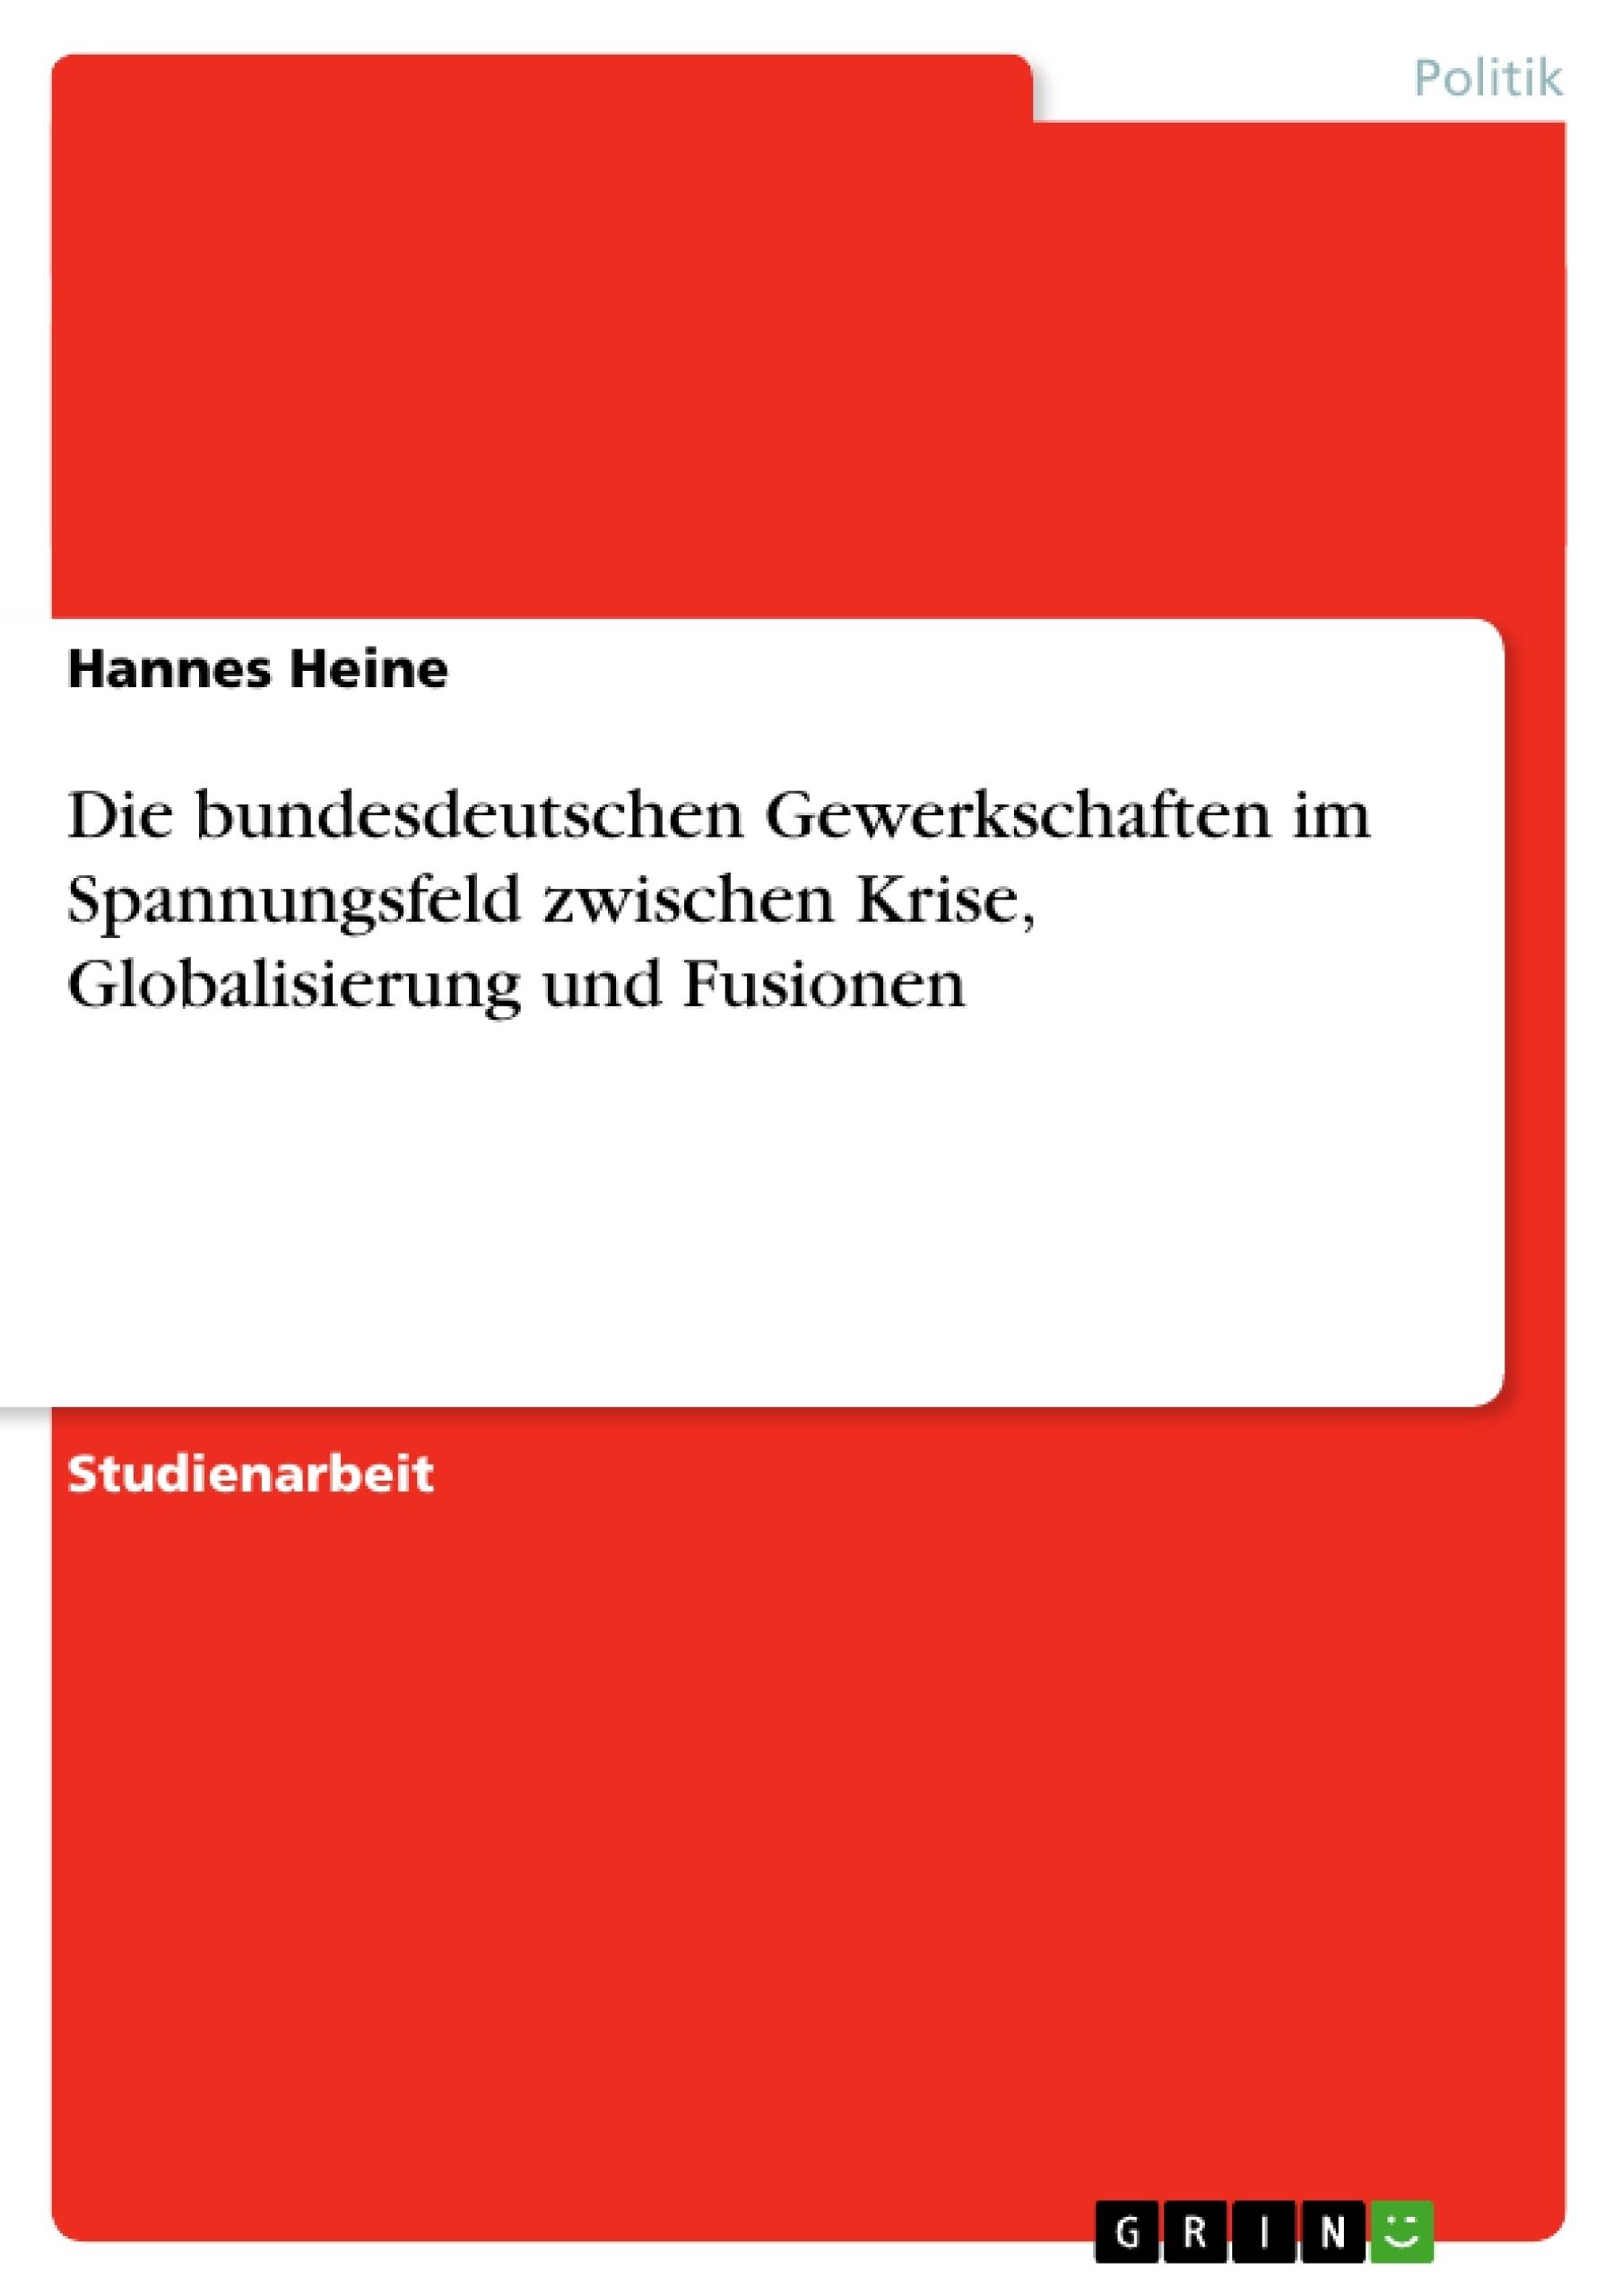 Titel: Die bundesdeutschen Gewerkschaften im Spannungsfeld zwischen Krise, Globalisierung und Fusionen